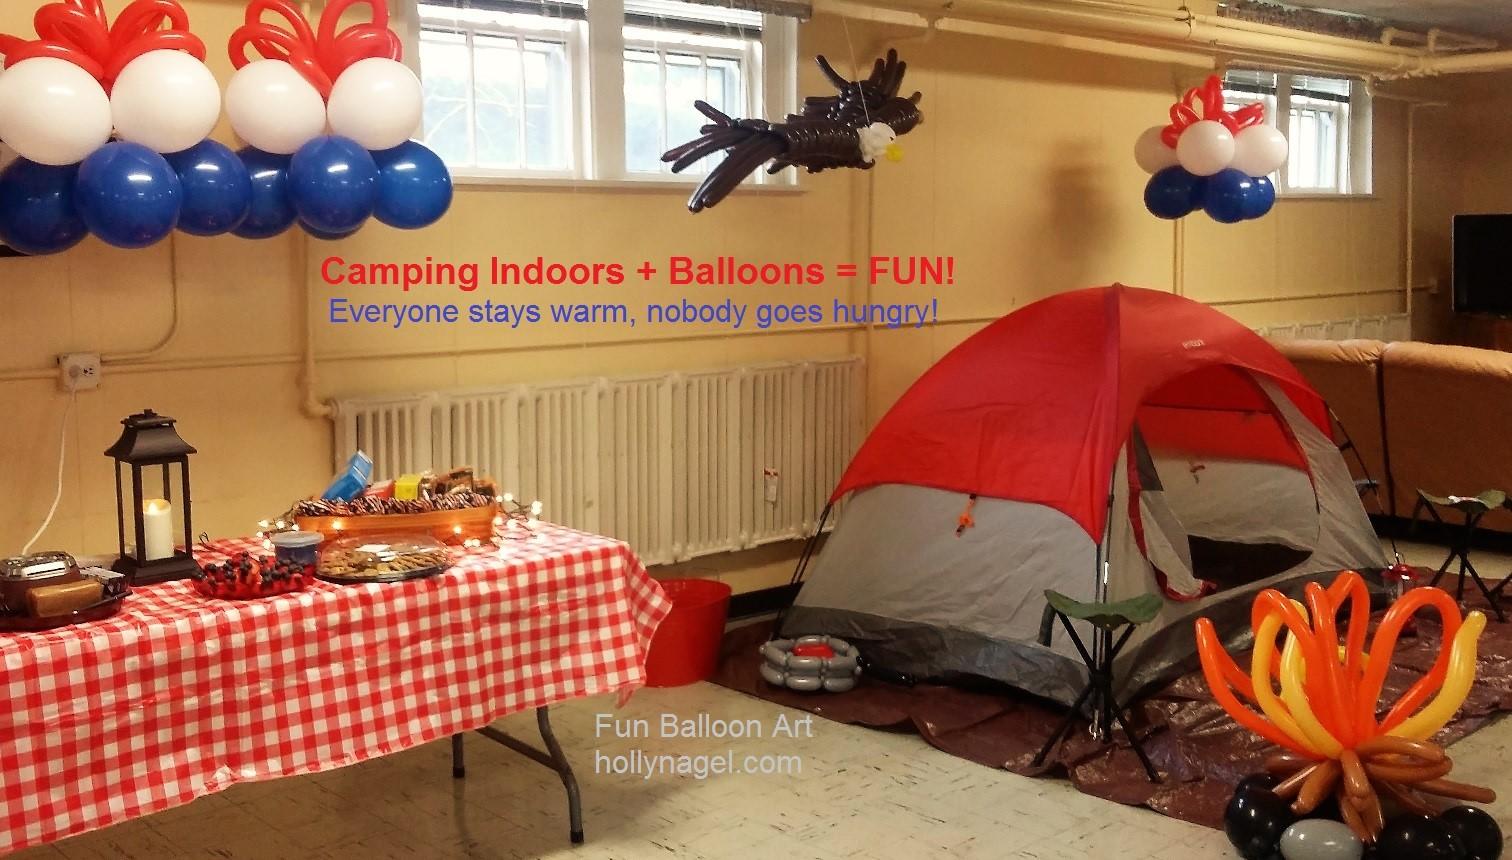 Camping indoors + Balloons = FUN!